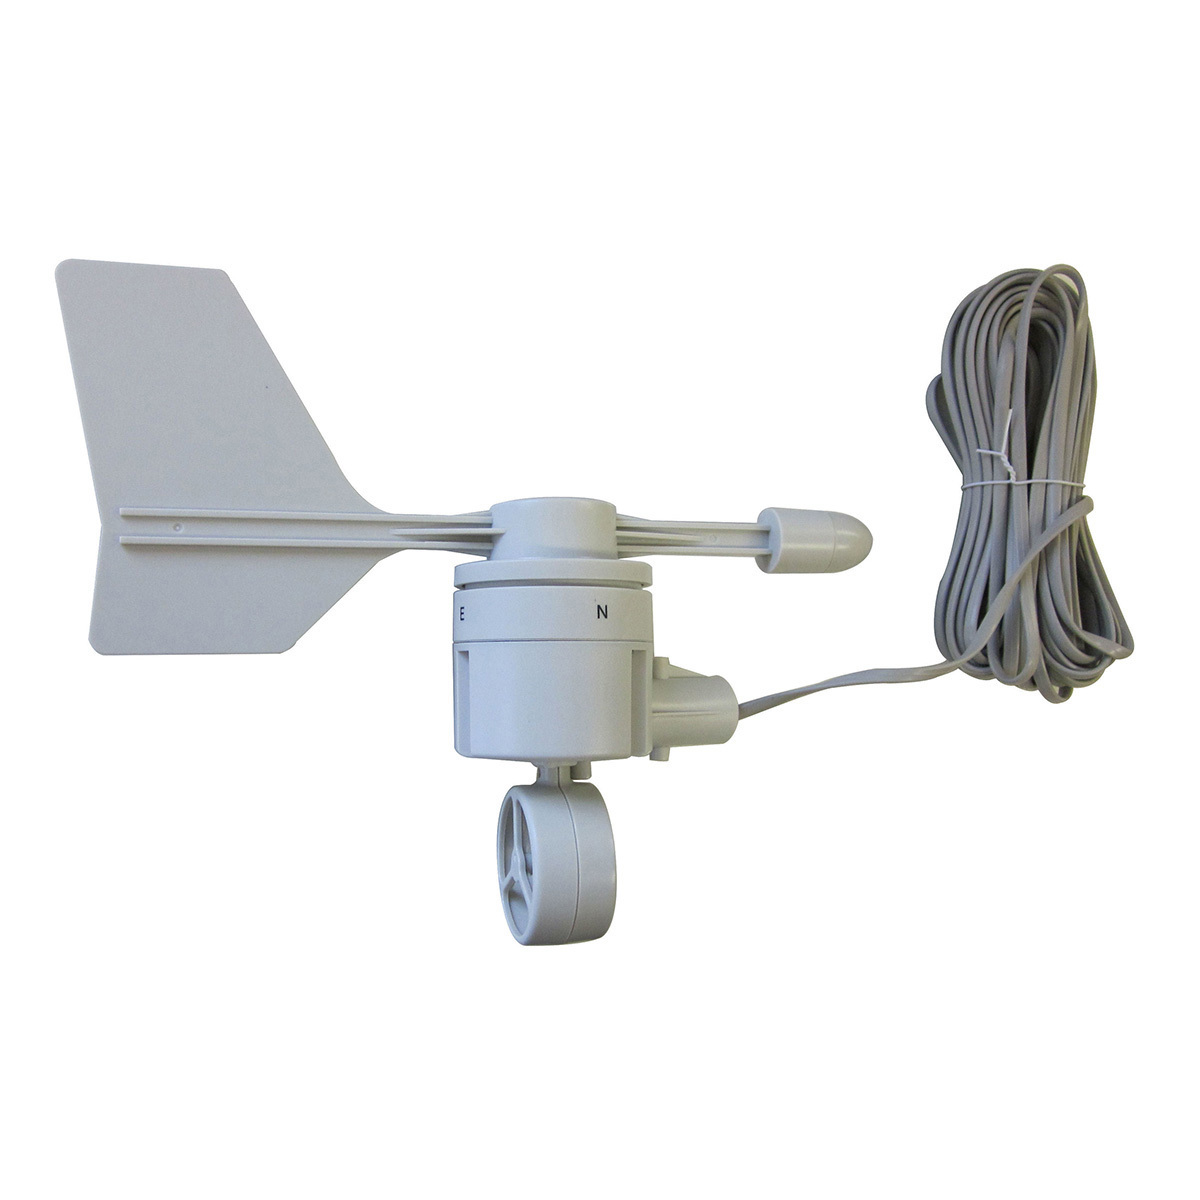 30-3135-ersatzteil-windmesser-1200x1200px.jpg